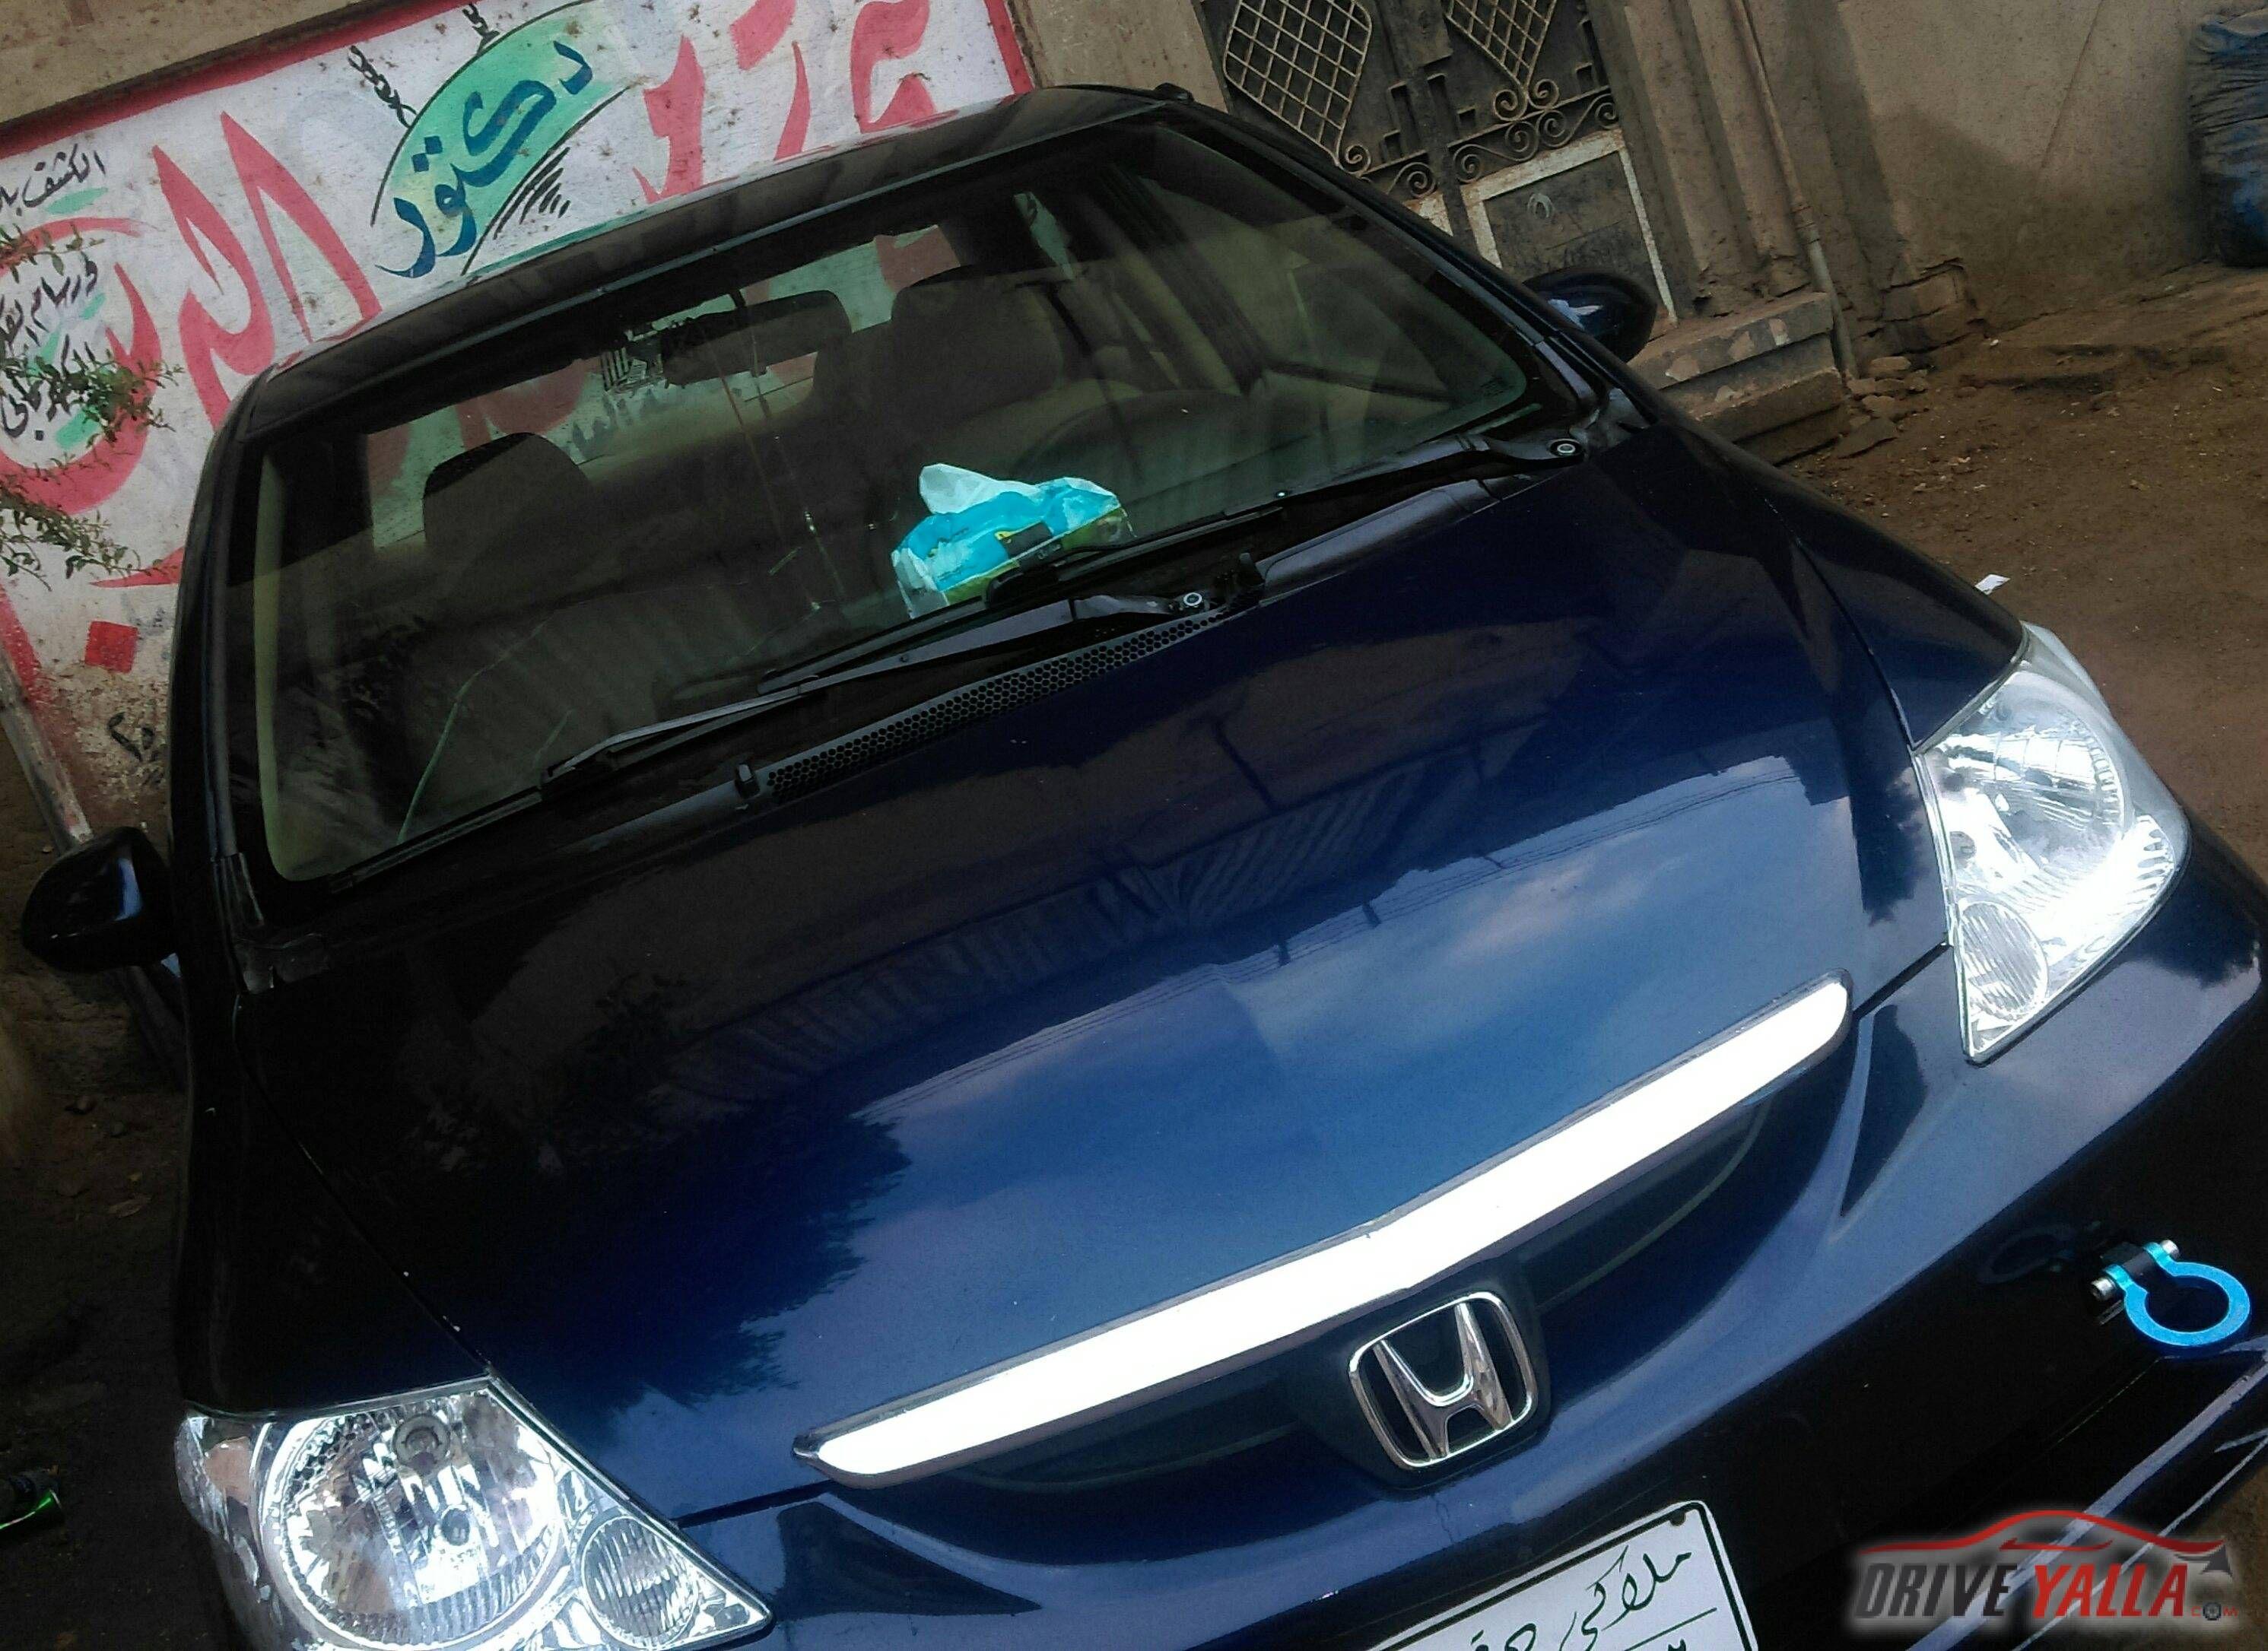 هوندا سيتي 2004 اوتوماتيك حاله جيده يعني أرخص قطع غيار في مصر Car Vehicles